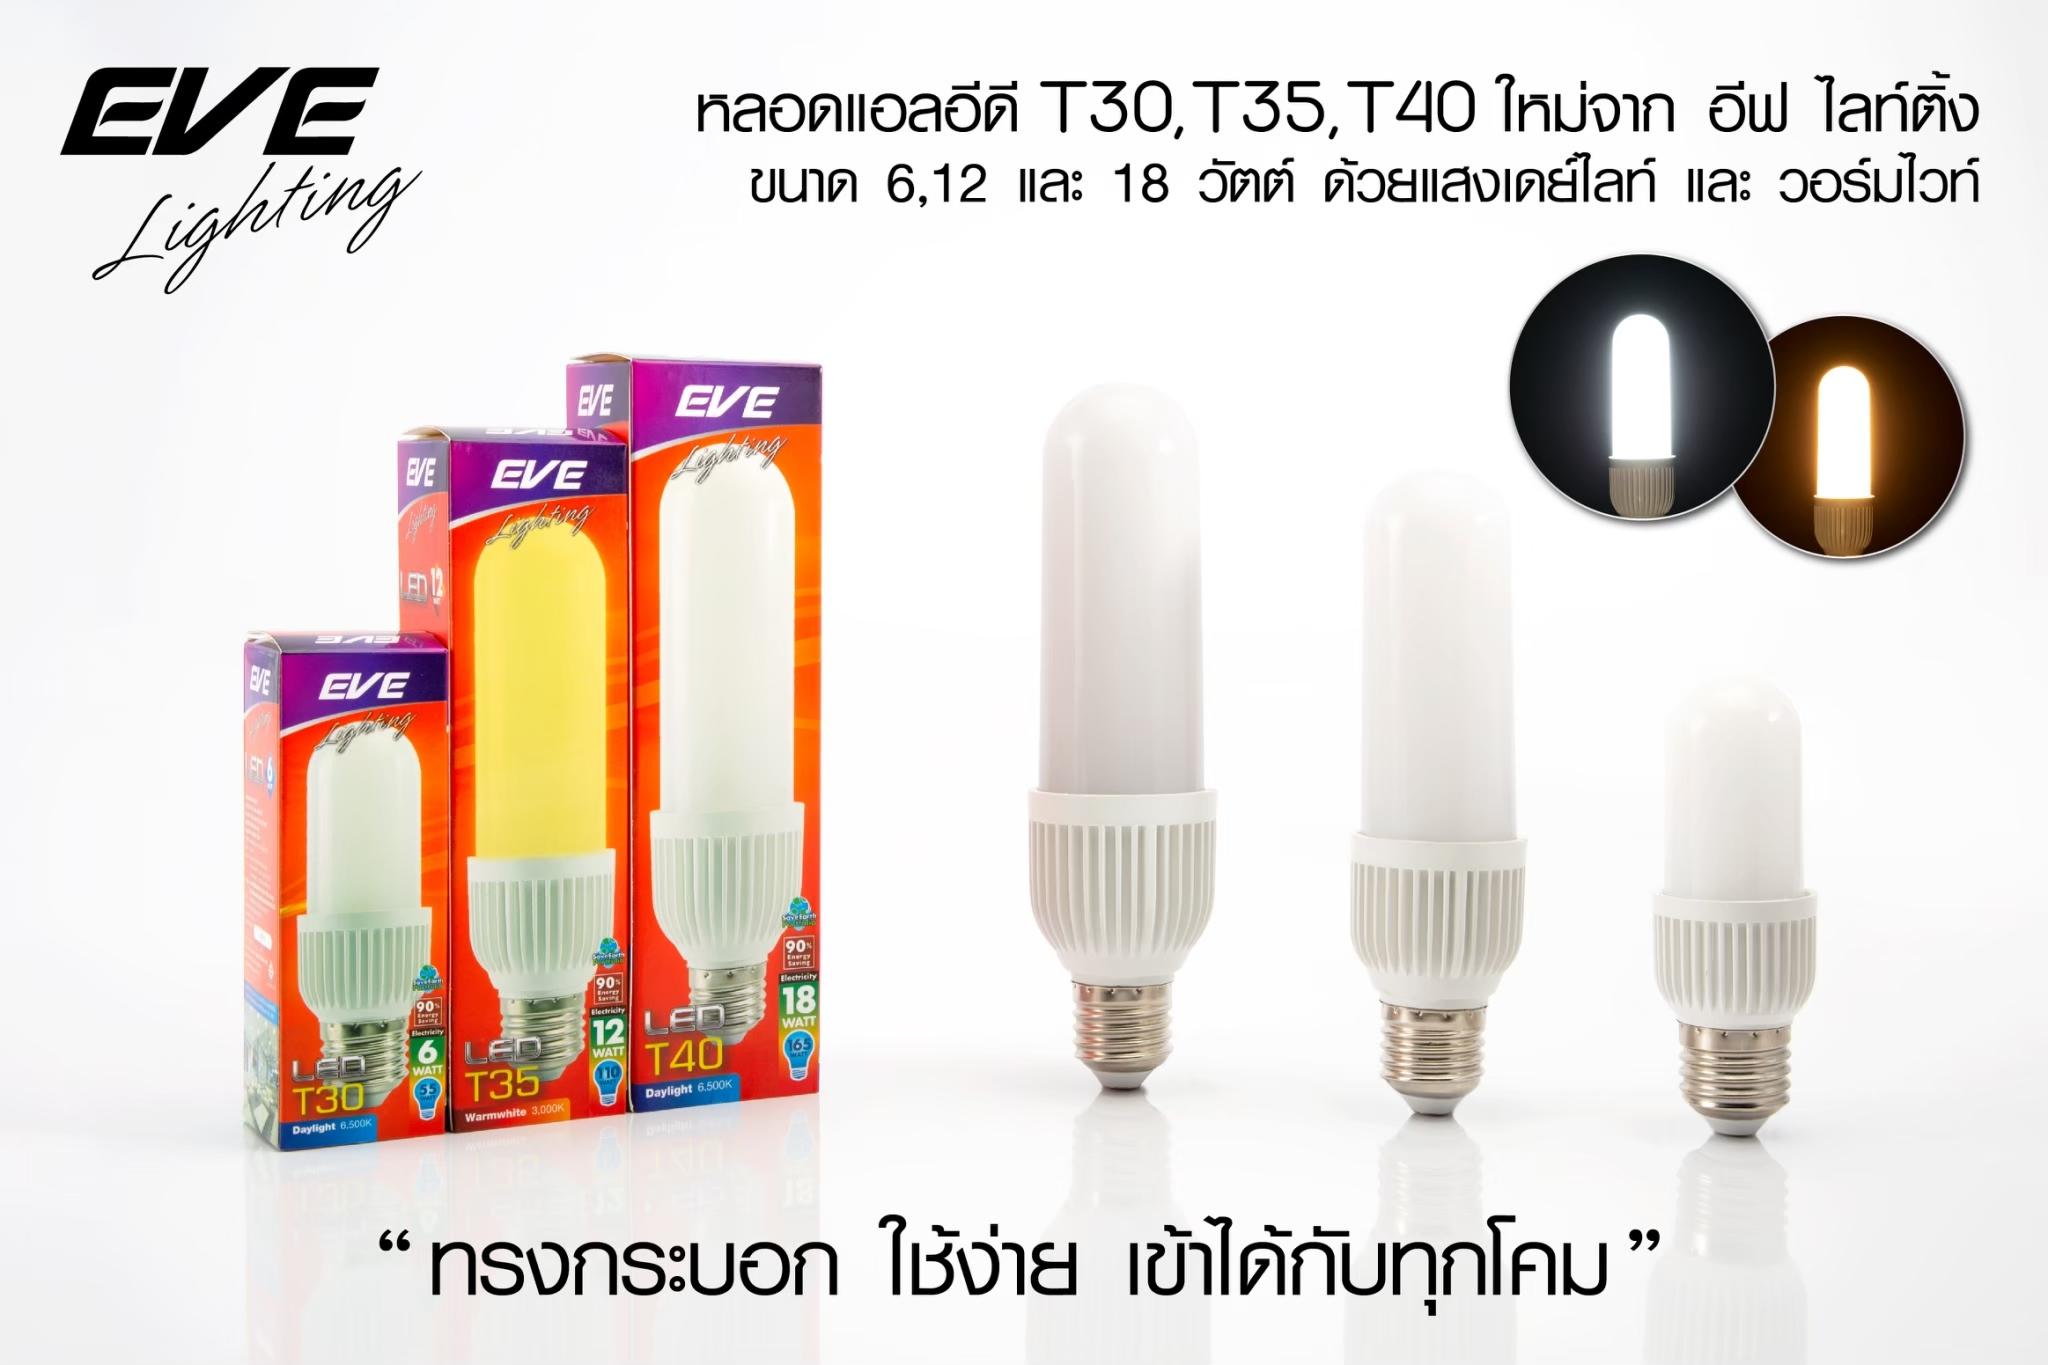 LED T30 E27 หลอดแอลอีดี T30 ขนาด  6-18 วัตต์ แสงขาวและแสงเหลือง (35,000 ชั่วโมง) แสงออกรอบตัวใช้แทนหลอดประหยัด